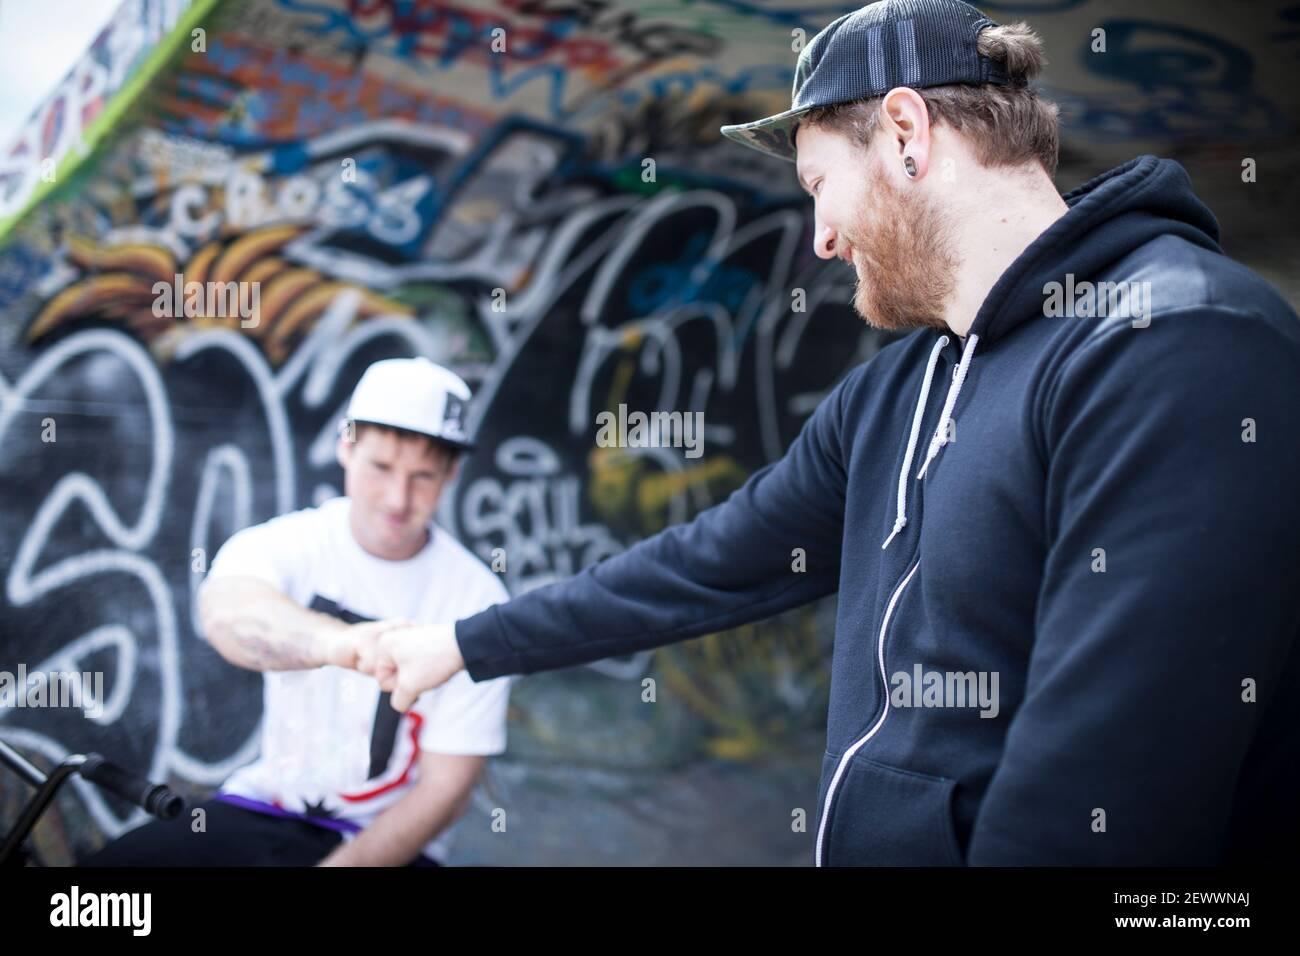 Dos amigos bmxing y dandother un apretón de manos Foto de stock